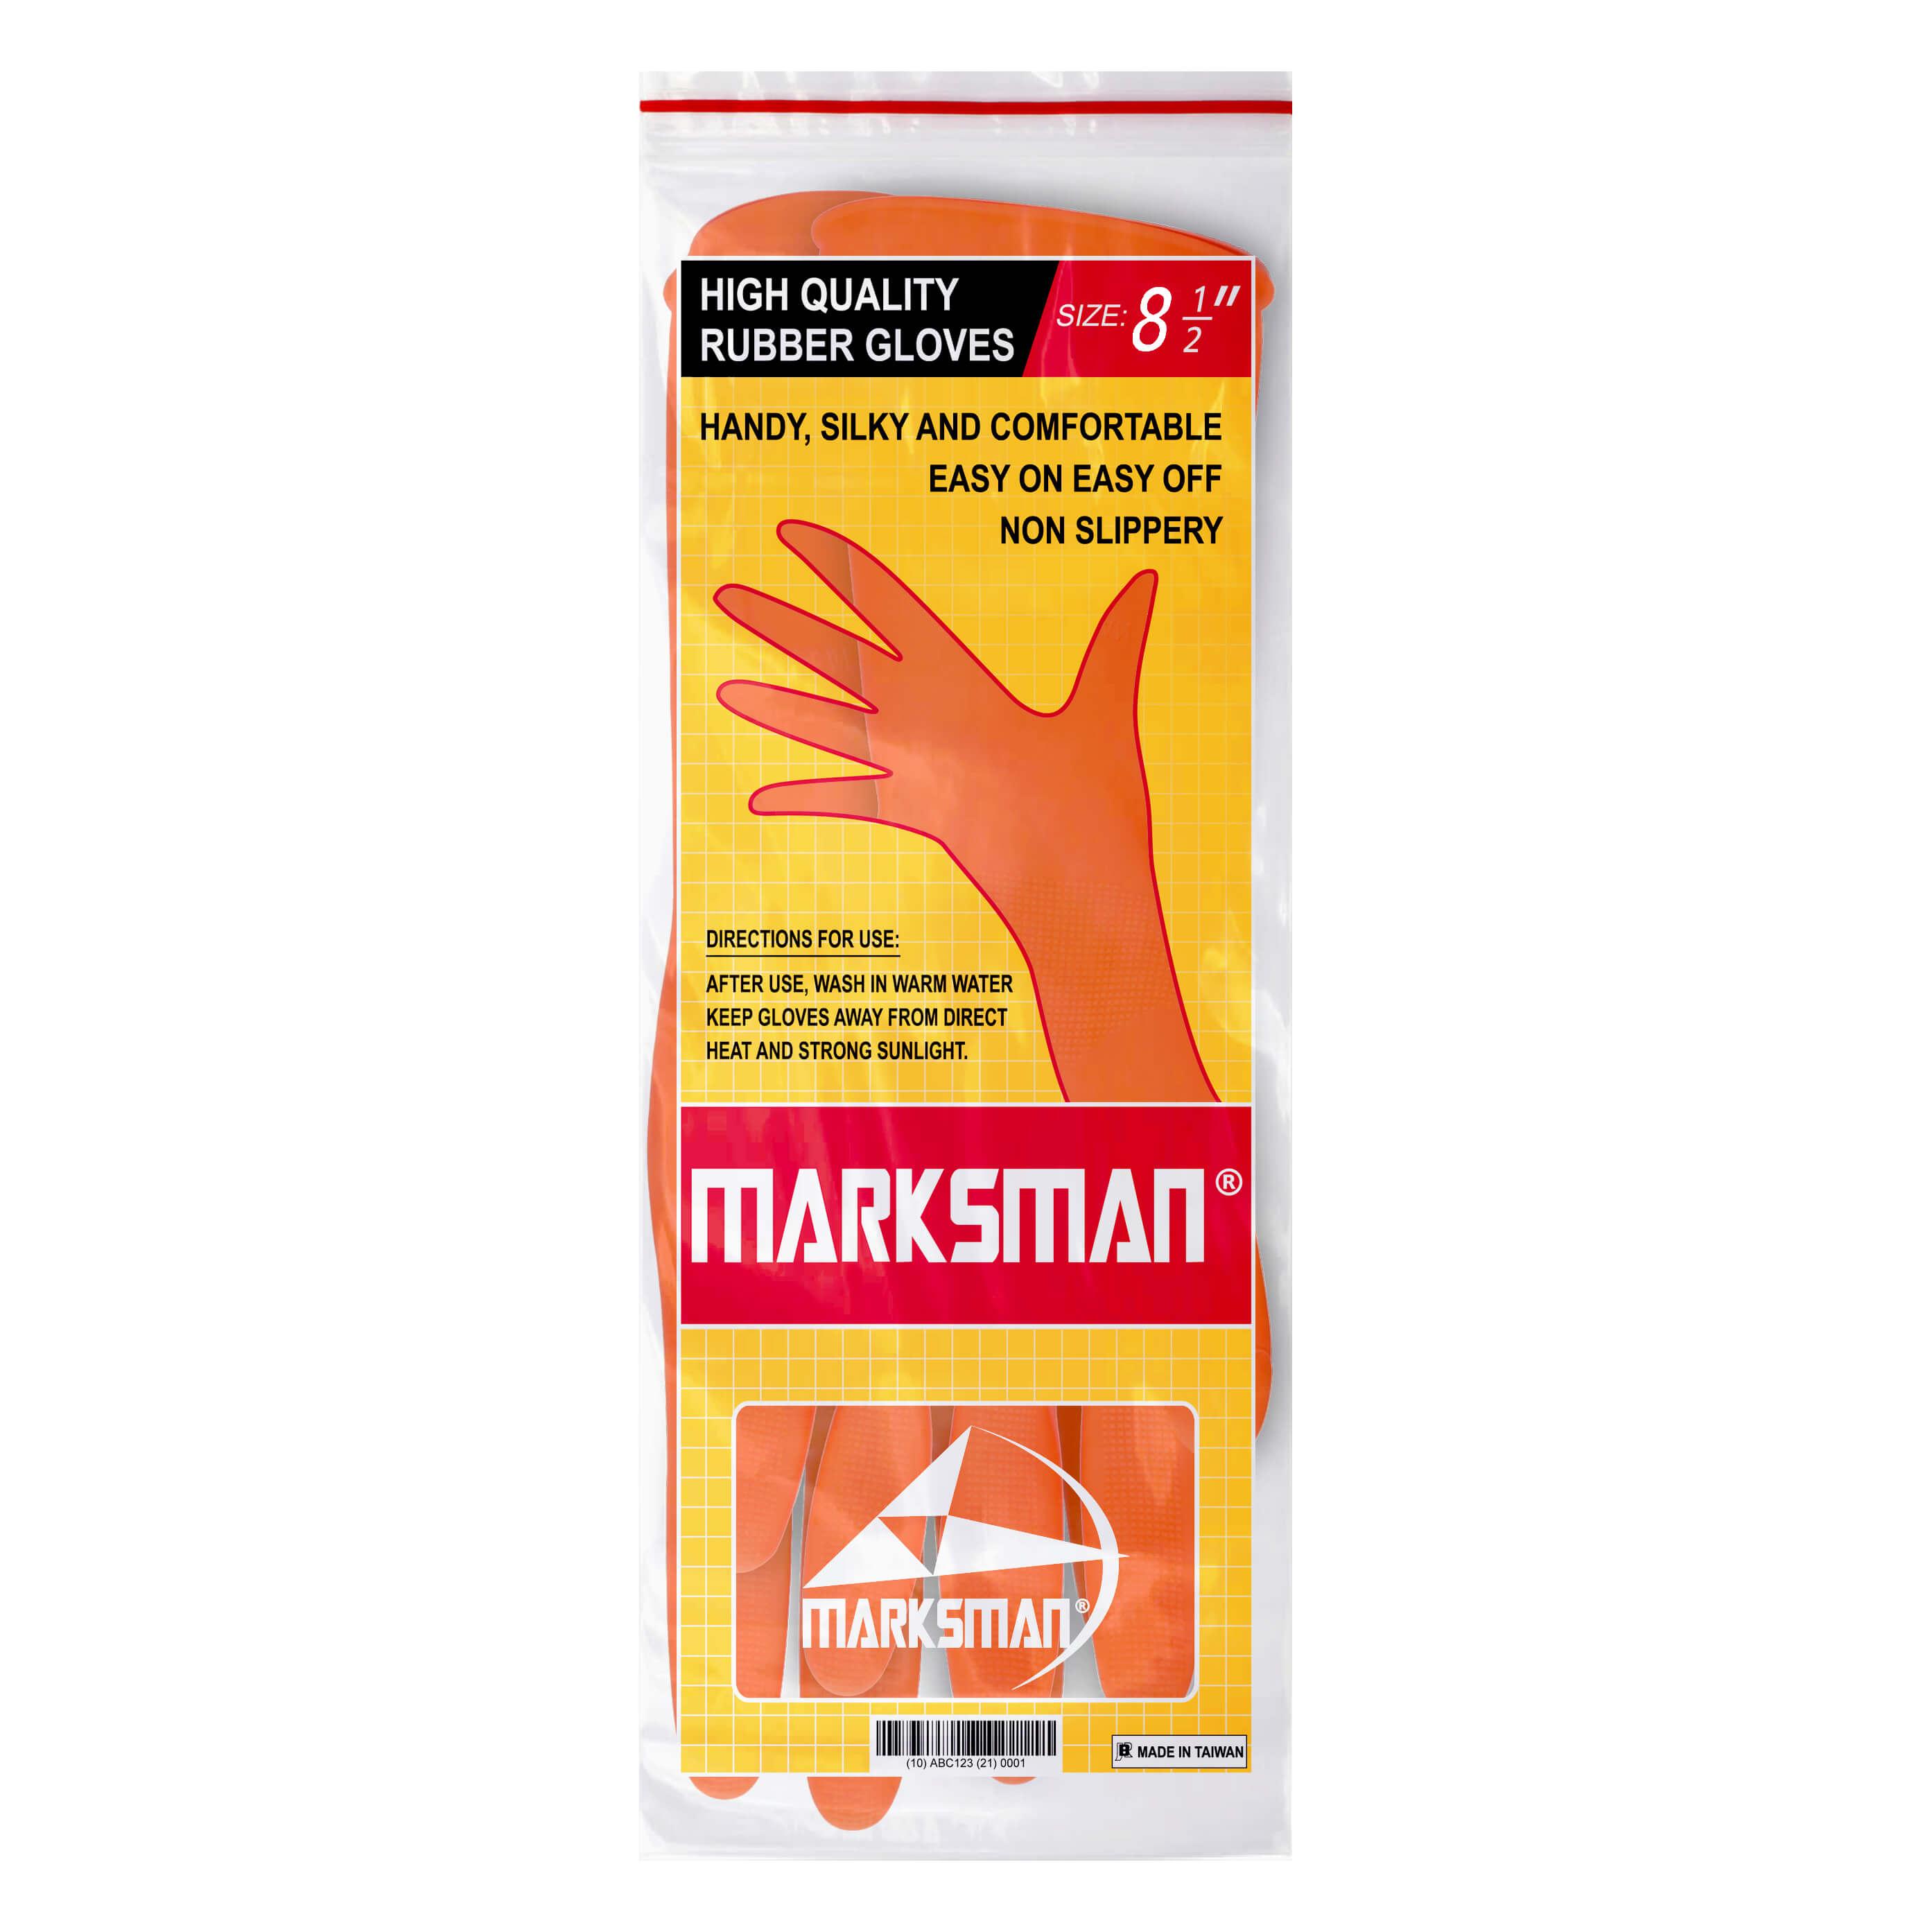 Marksman Household Dishwashing Rubber Gloves Richard